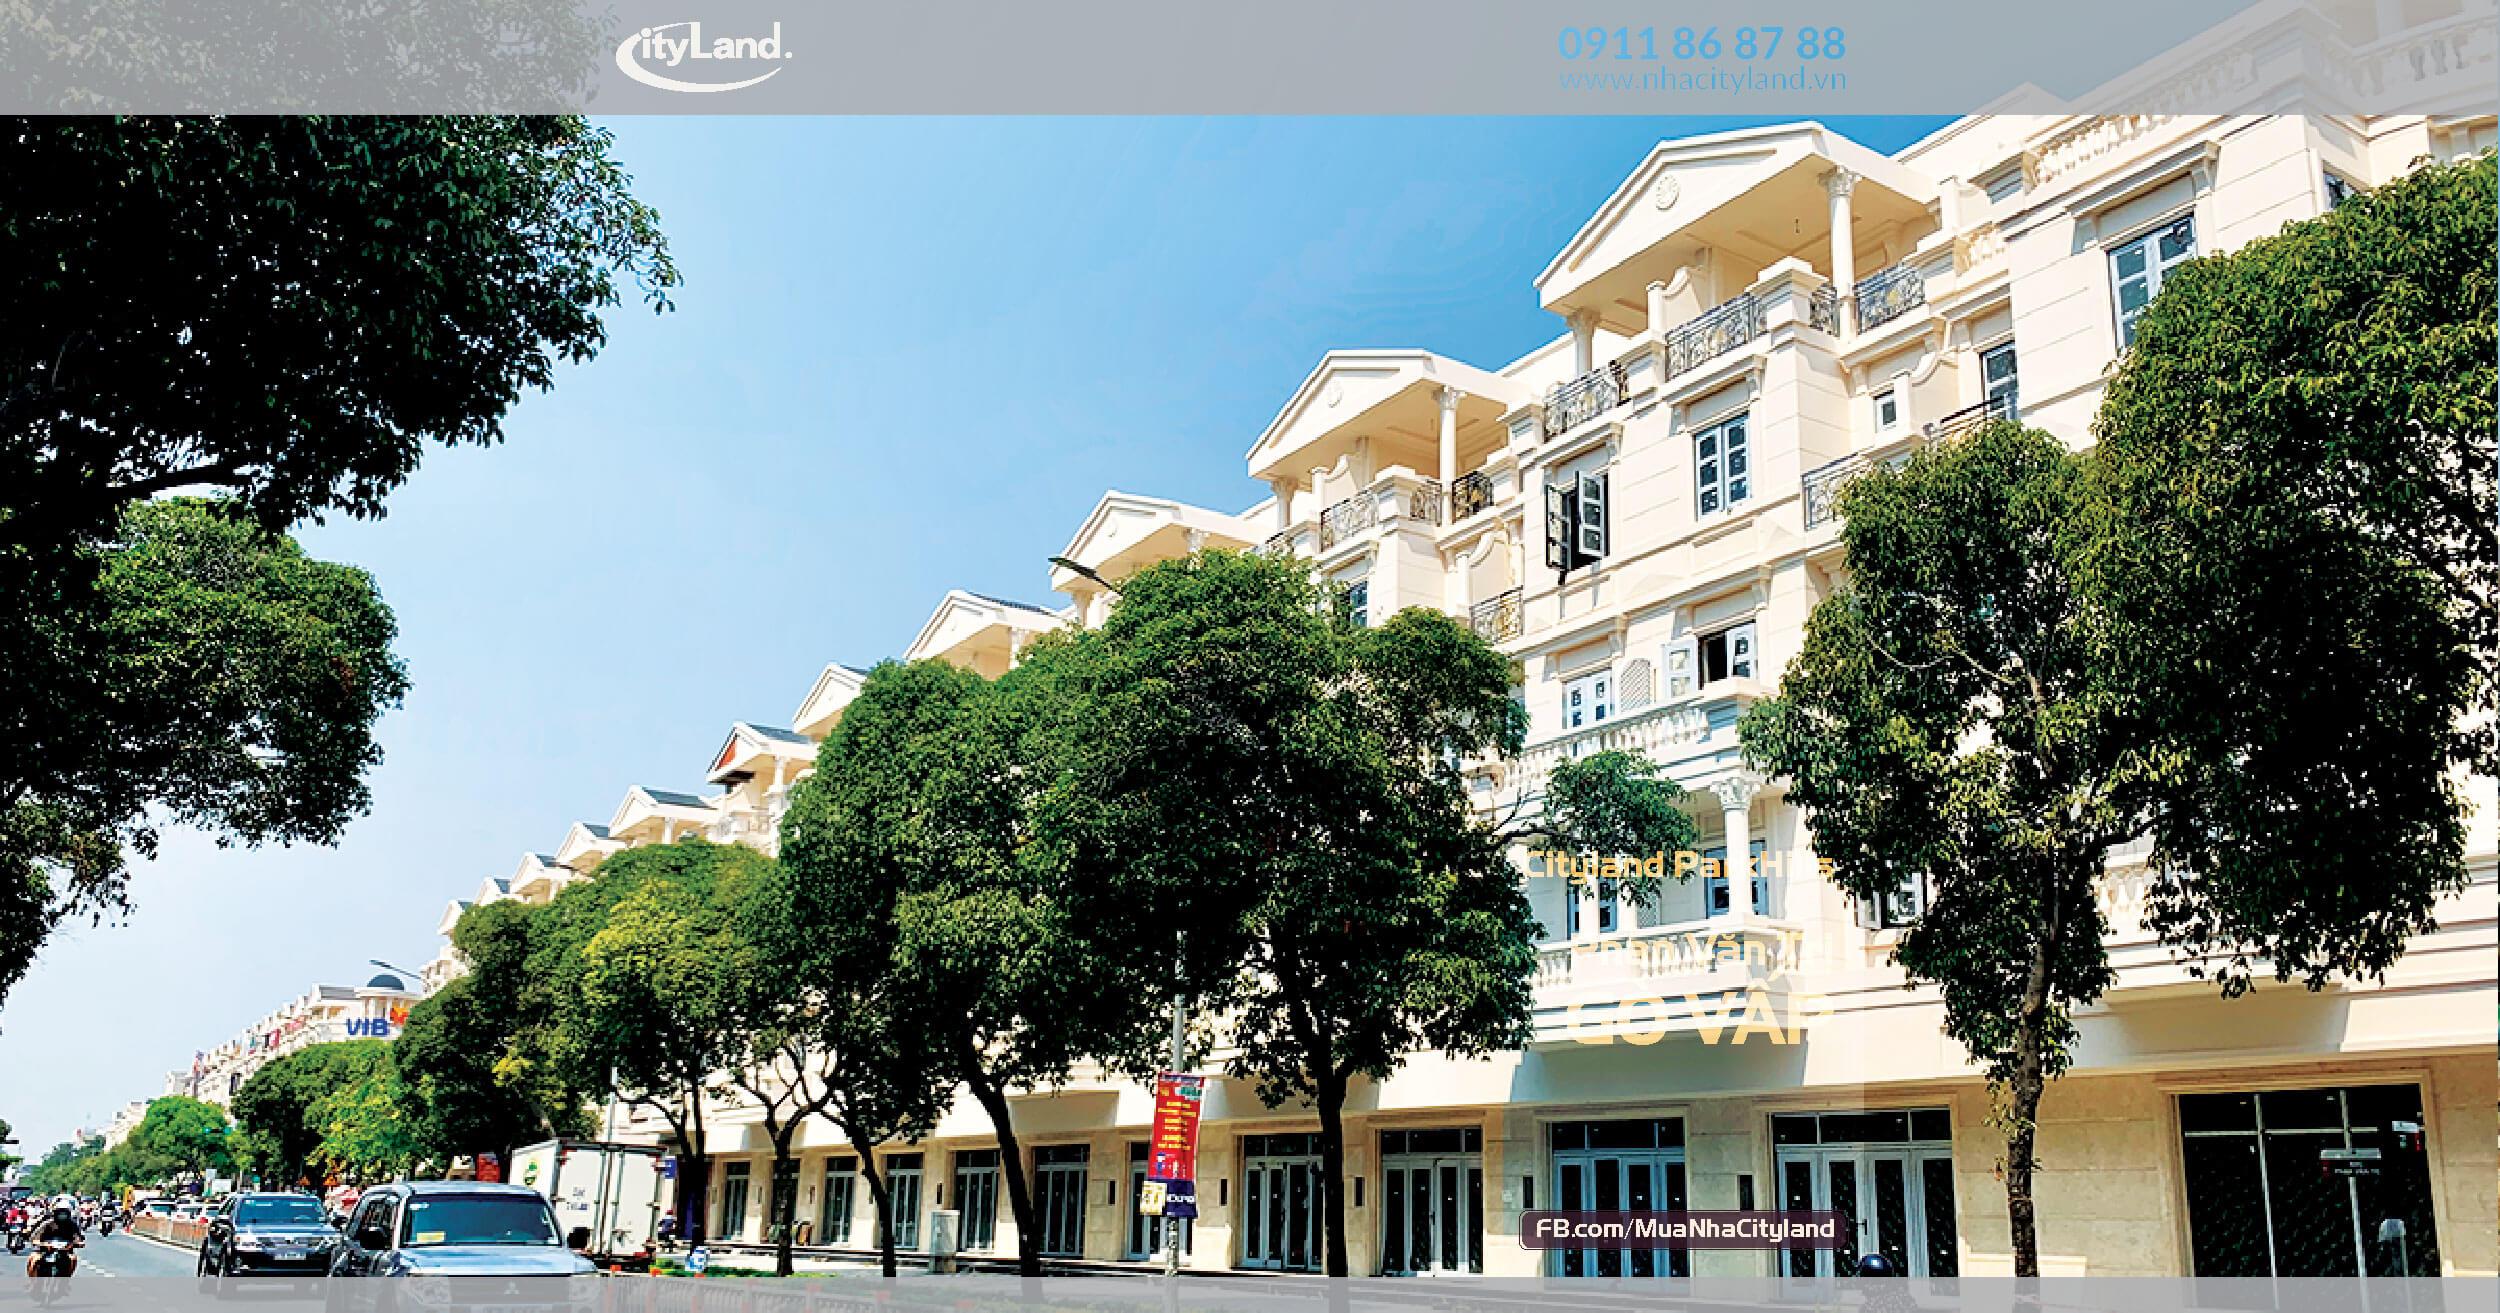 Bán Nhà Mặt tiền Phan Văn Trị Cityland Park Hills L48.10 Nhà phố thương mại